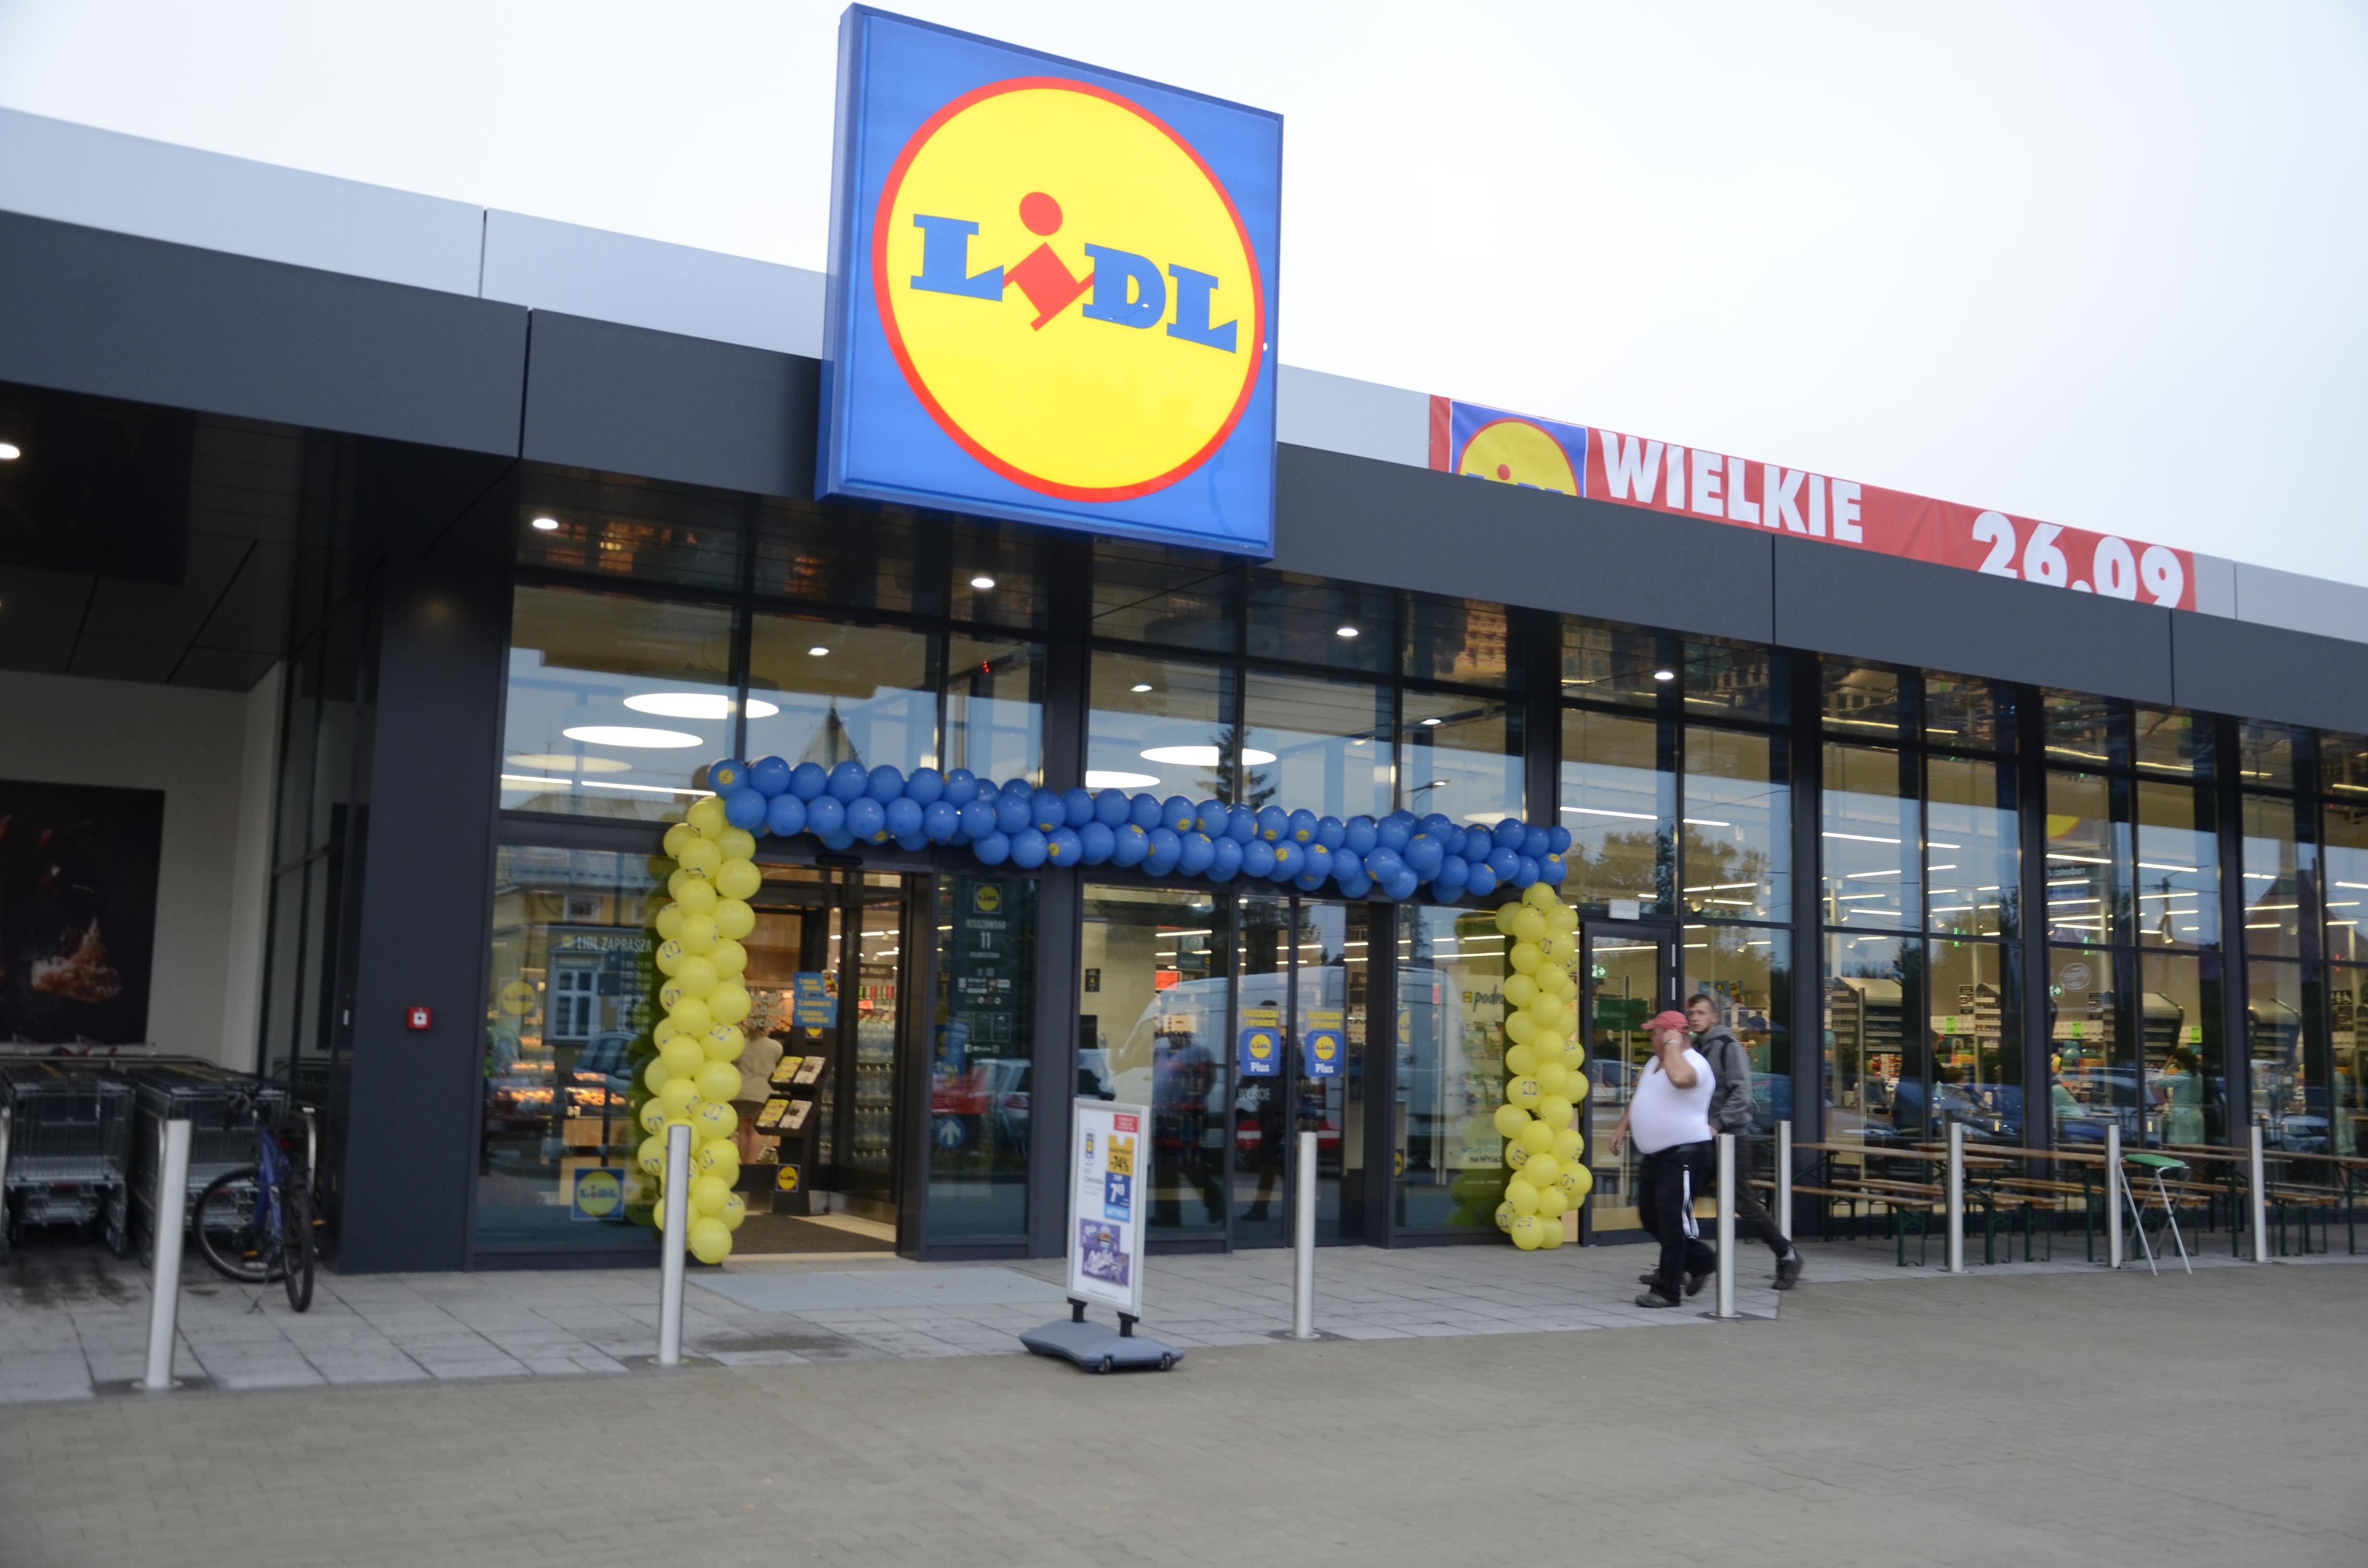 Kradł w jednym z supermarketów w Kolbuszowej  - Zdjęcie główne